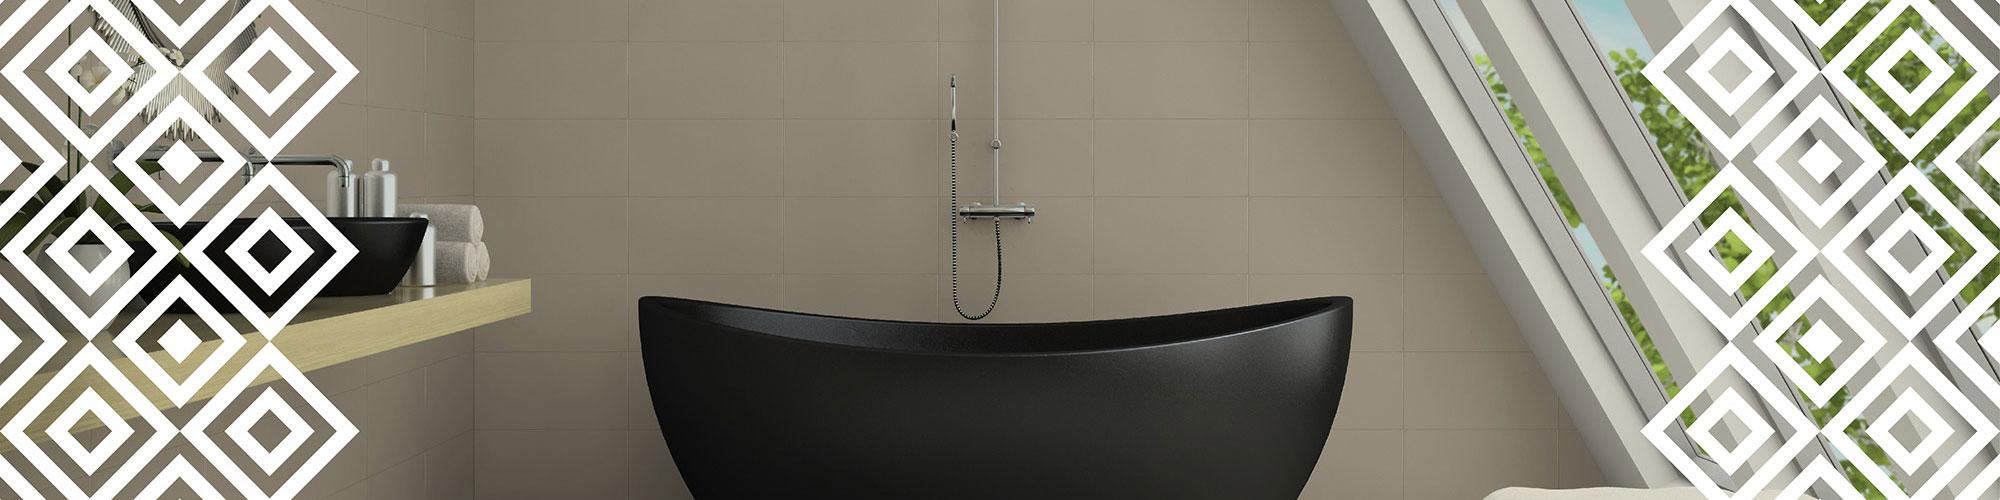 ....Estiliza baños y cocinas..Stylize bathrooms and kitchens..Il stylise les salles de bains et la cuisine....